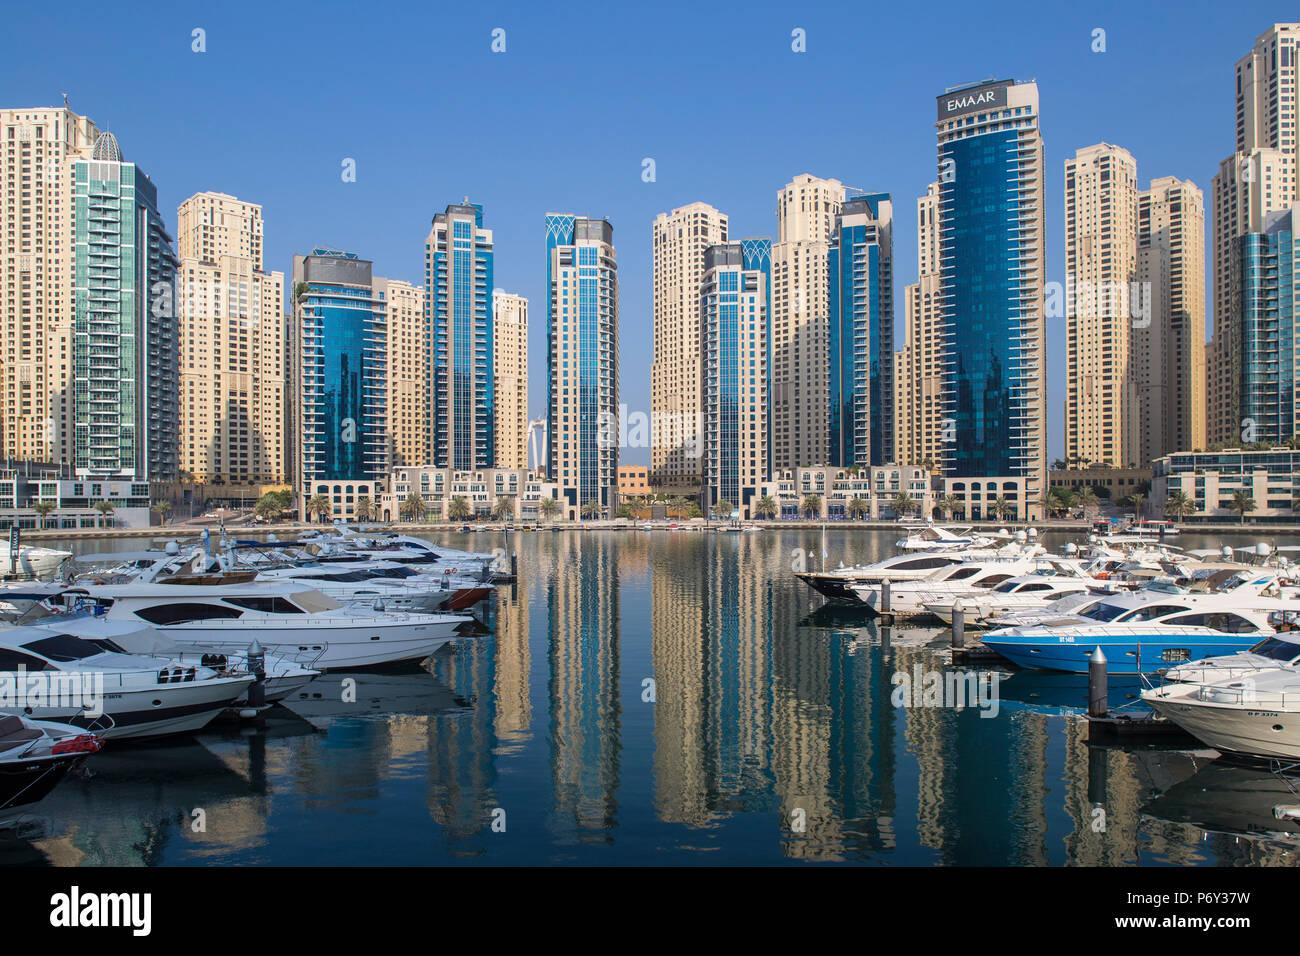 Vereinigte Arabische Emirate, Dubai, Dubai Marina Stockbild